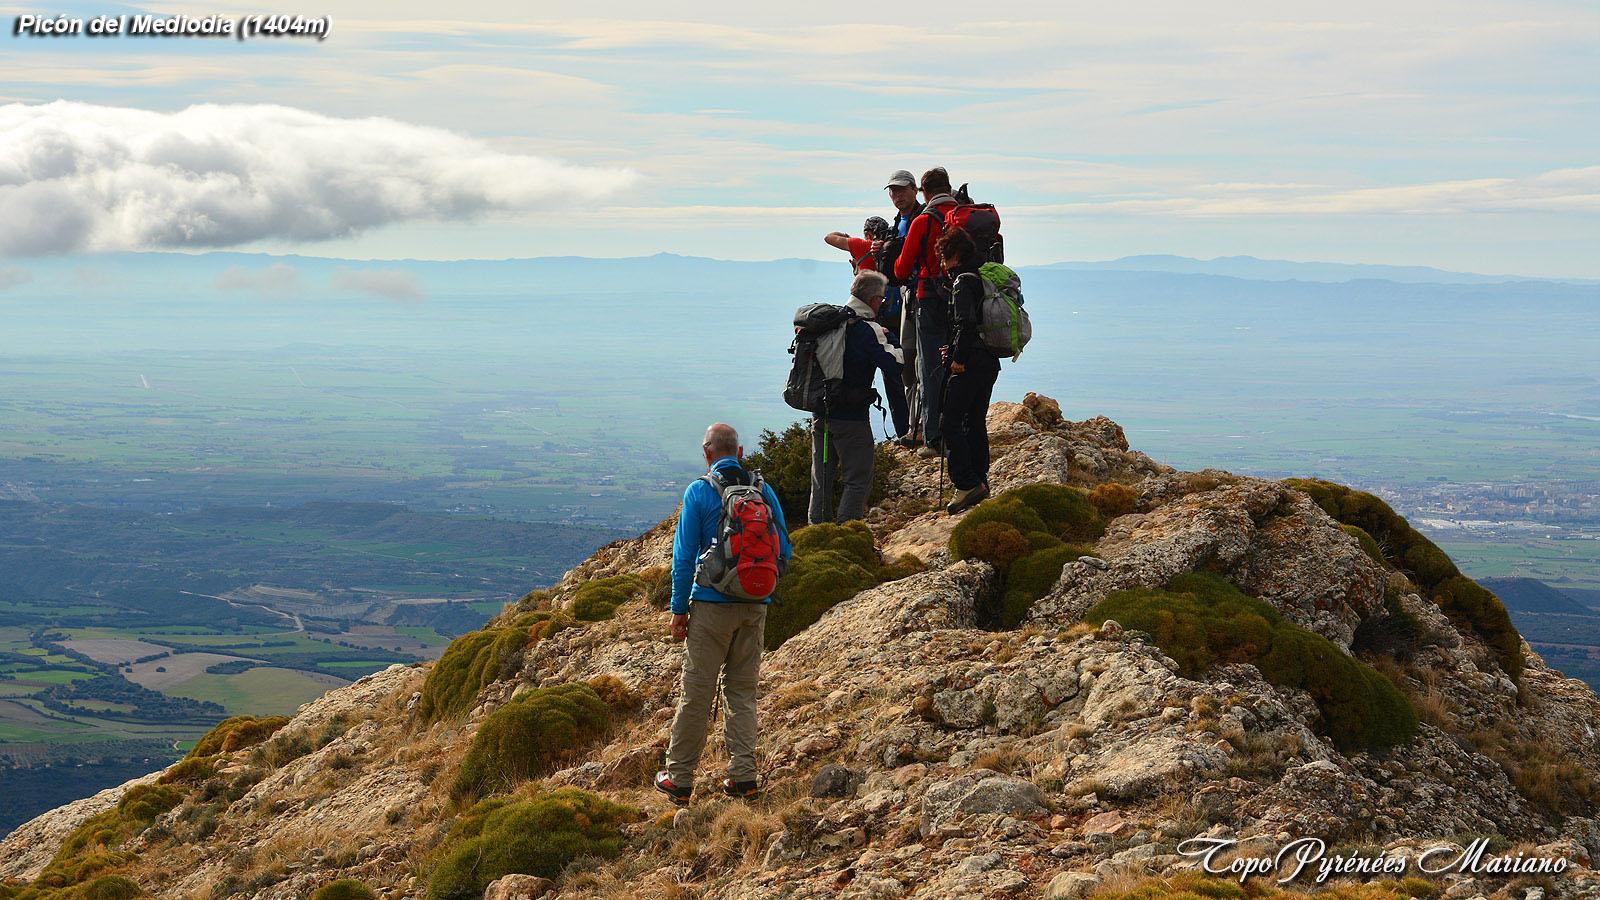 Randonnée Picón del Mediodía (1404m)